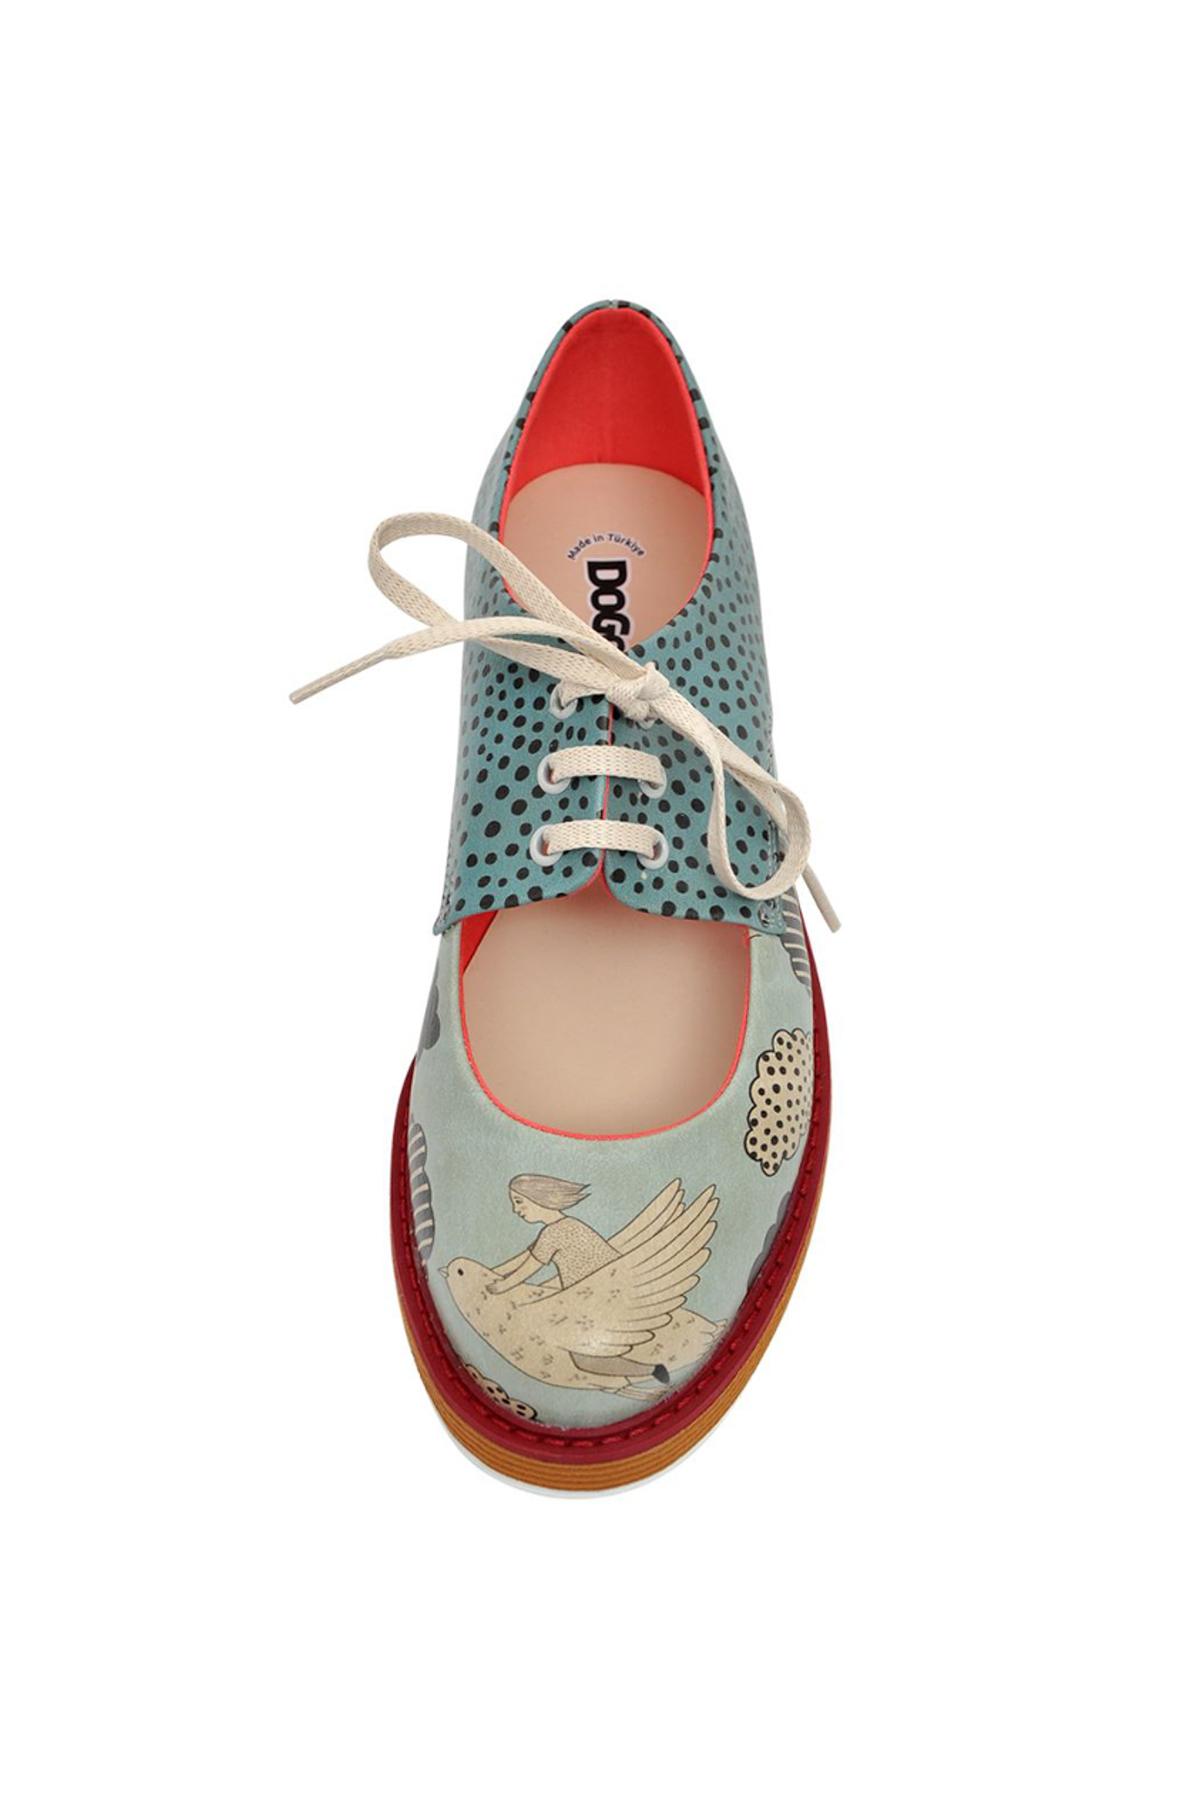 Dogo Çok Renkli Kadın Ayakkabı DGPNC017-401 2